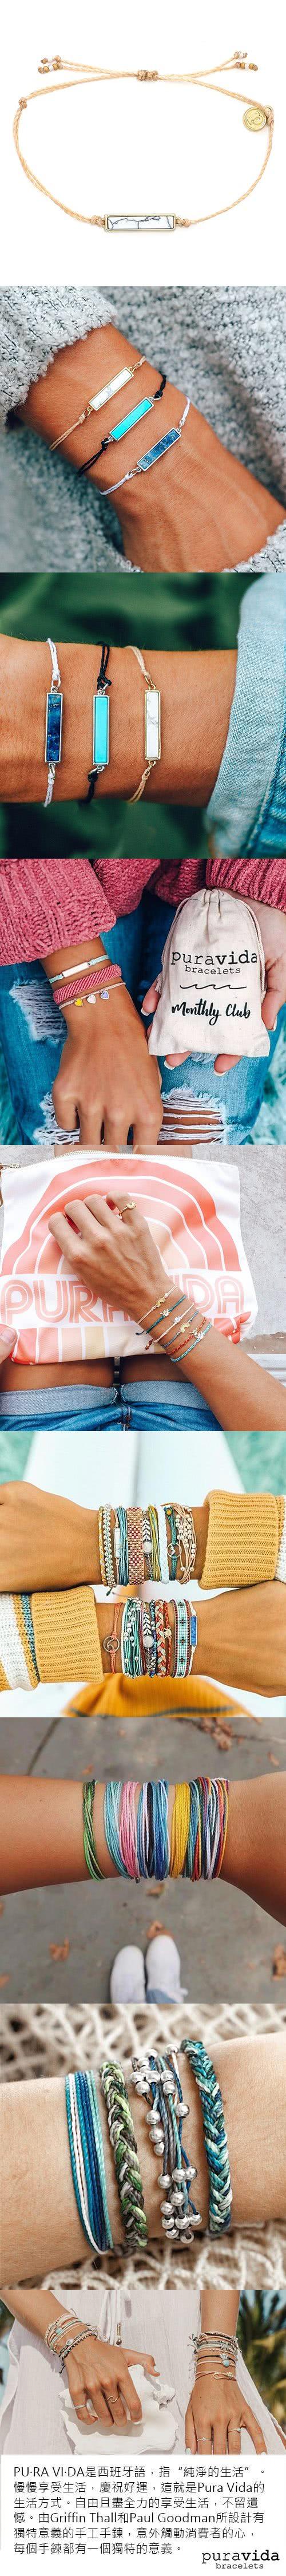 (複製)Pura Vida 美國手工 金色魅力小山 黑色臘線可調式手鍊衝浪防水手繩